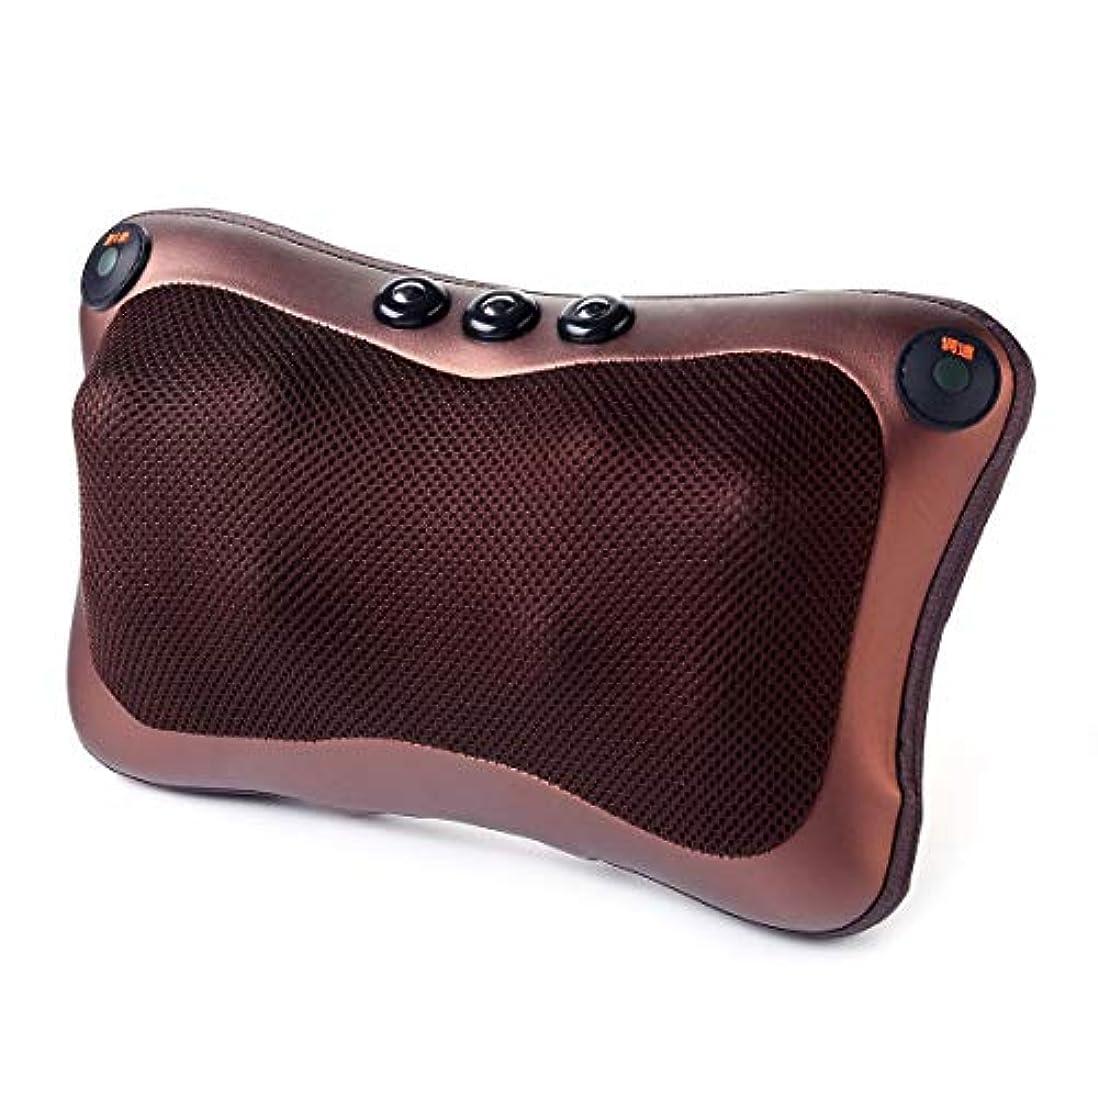 除去ポンペイ定期的Blackfell 電気ネックマッサージャー8ヘッド快適な磁気療法電子肩バックウエストマッサージ枕クッション